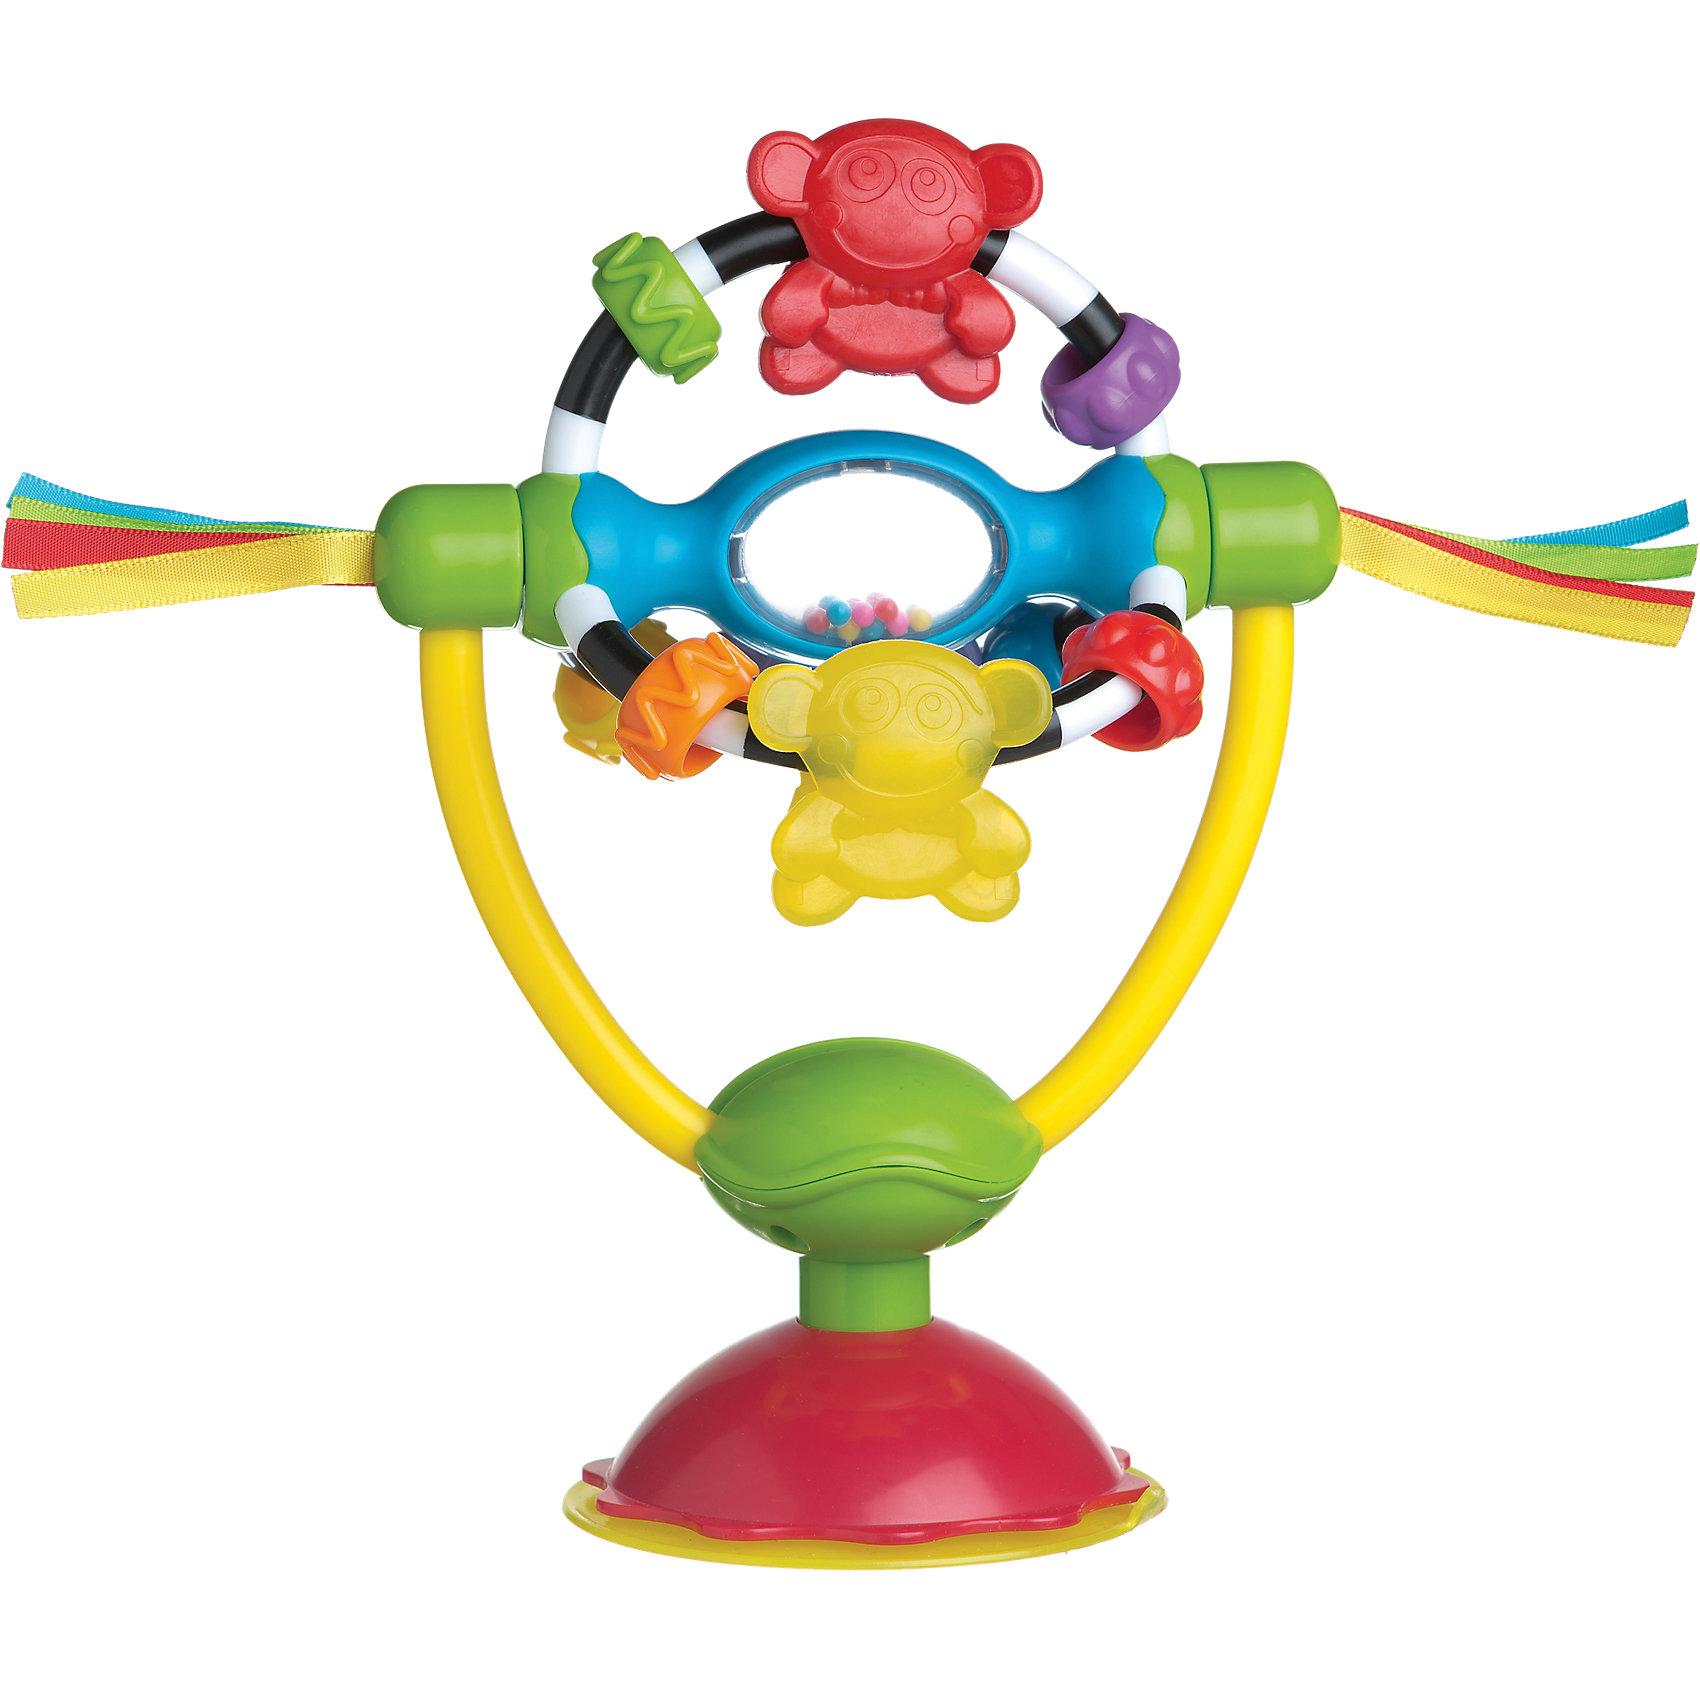 Игрушка развивающая на присоске, PlaygroРазвивающие игрушки<br>Яркая разноцветная развивающая игрушка на присоске от Playgro (Плейгро)обязательно привлечет внимание вашего малыша.<br>В этой замечательной игрушке нет острых краев и мелких деталей. С помощью присоски она легко крепится на любую поверхность: на стульчик для кормления, на ходунки, на кафель в ванной. Игровая часть при желании отсоединяется от основания. 3 дуги крутятся вокруг своей оси, на каждой из которой расположены подвижные элементы: мишки и две разноцветные бусины. В центре игровой части прозрачный цилиндр с гремящими шариками внутри, а по краям разноцветные атласные ленточки. Игрушку можно использовать как прорезыватель. Она изготовлена из безопасных для здоровья ребенка, экологически чистых материалов. Игрушка поможет малышу развить мелкую моторику рук, зрительное и слуховое восприятие, тактильные ощущения и координацию движений.<br><br>Дополнительная информация:<br><br>- Материал: текстиль, высококачественная пластмасса<br>- Диаметр присоски: 8.5 см.<br>- Высота с присоской: 20 см, без - 14 см.<br><br>Игрушку развивающую на присоске Playgro (Плейгро) можно купить в нашем интернет-магазине.<br><br>Ширина мм: 260<br>Глубина мм: 182<br>Высота мм: 93<br>Вес г: 198<br>Цвет: разноцветный<br>Возраст от месяцев: 0<br>Возраст до месяцев: 12<br>Пол: Унисекс<br>Возраст: Детский<br>SKU: 3271399